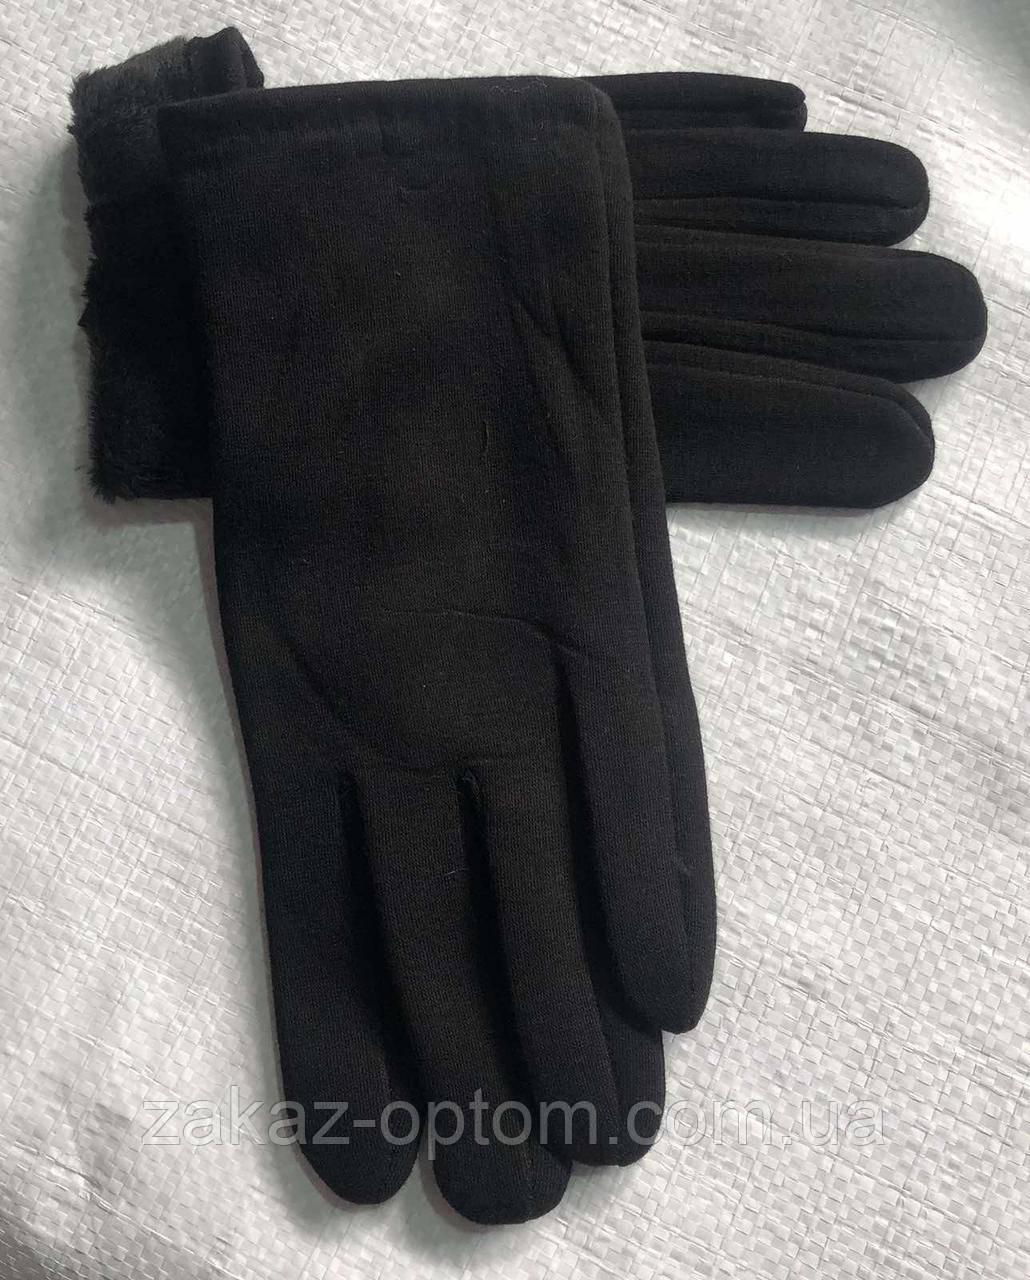 Перчатки мужские оптом внутри начес (10-12)Китай-63093